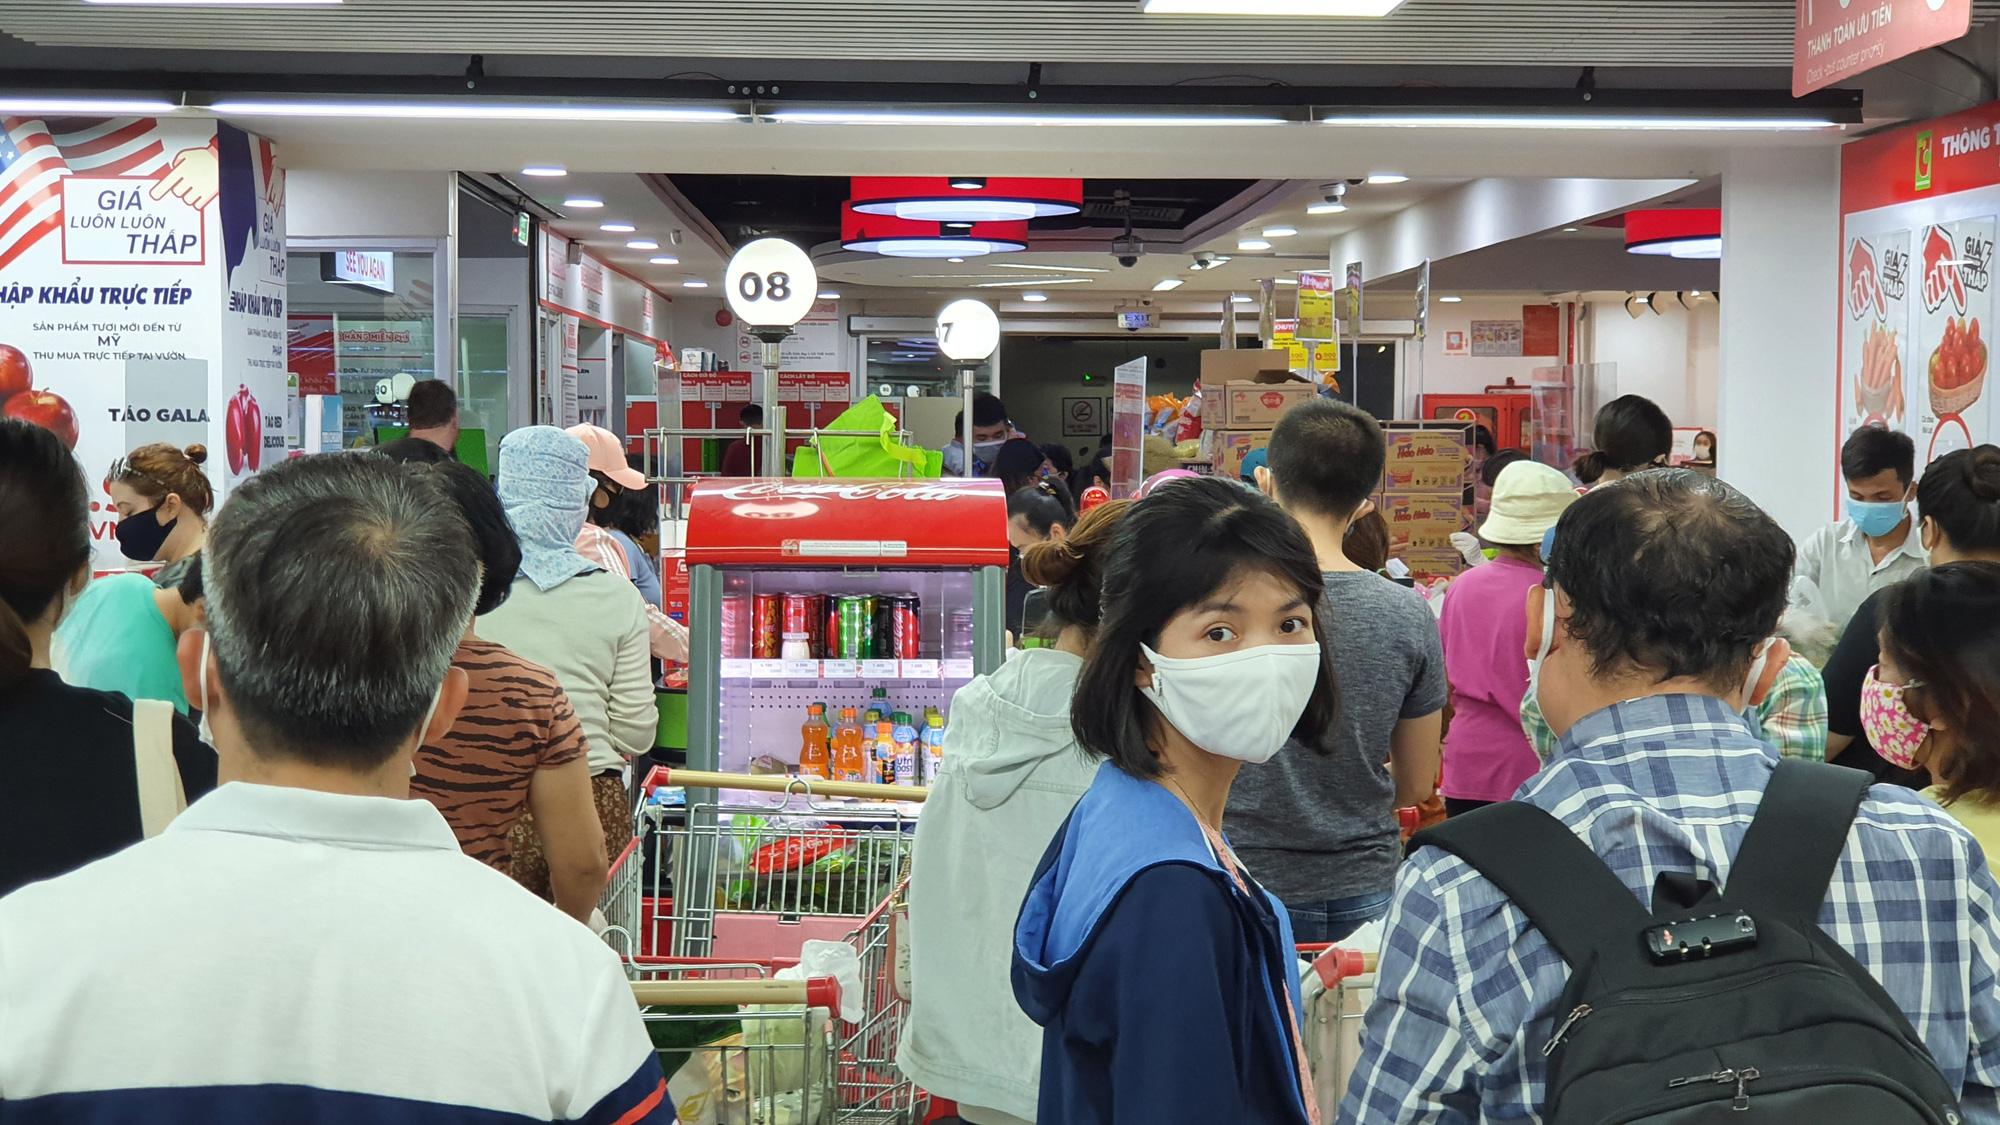 Sợ siêu thị đóng cửa, bị rủ rê… người Sài gòn kéo nhau đi mua đồ về trữ cho 14 ngày cách li xã hội - Ảnh 23.